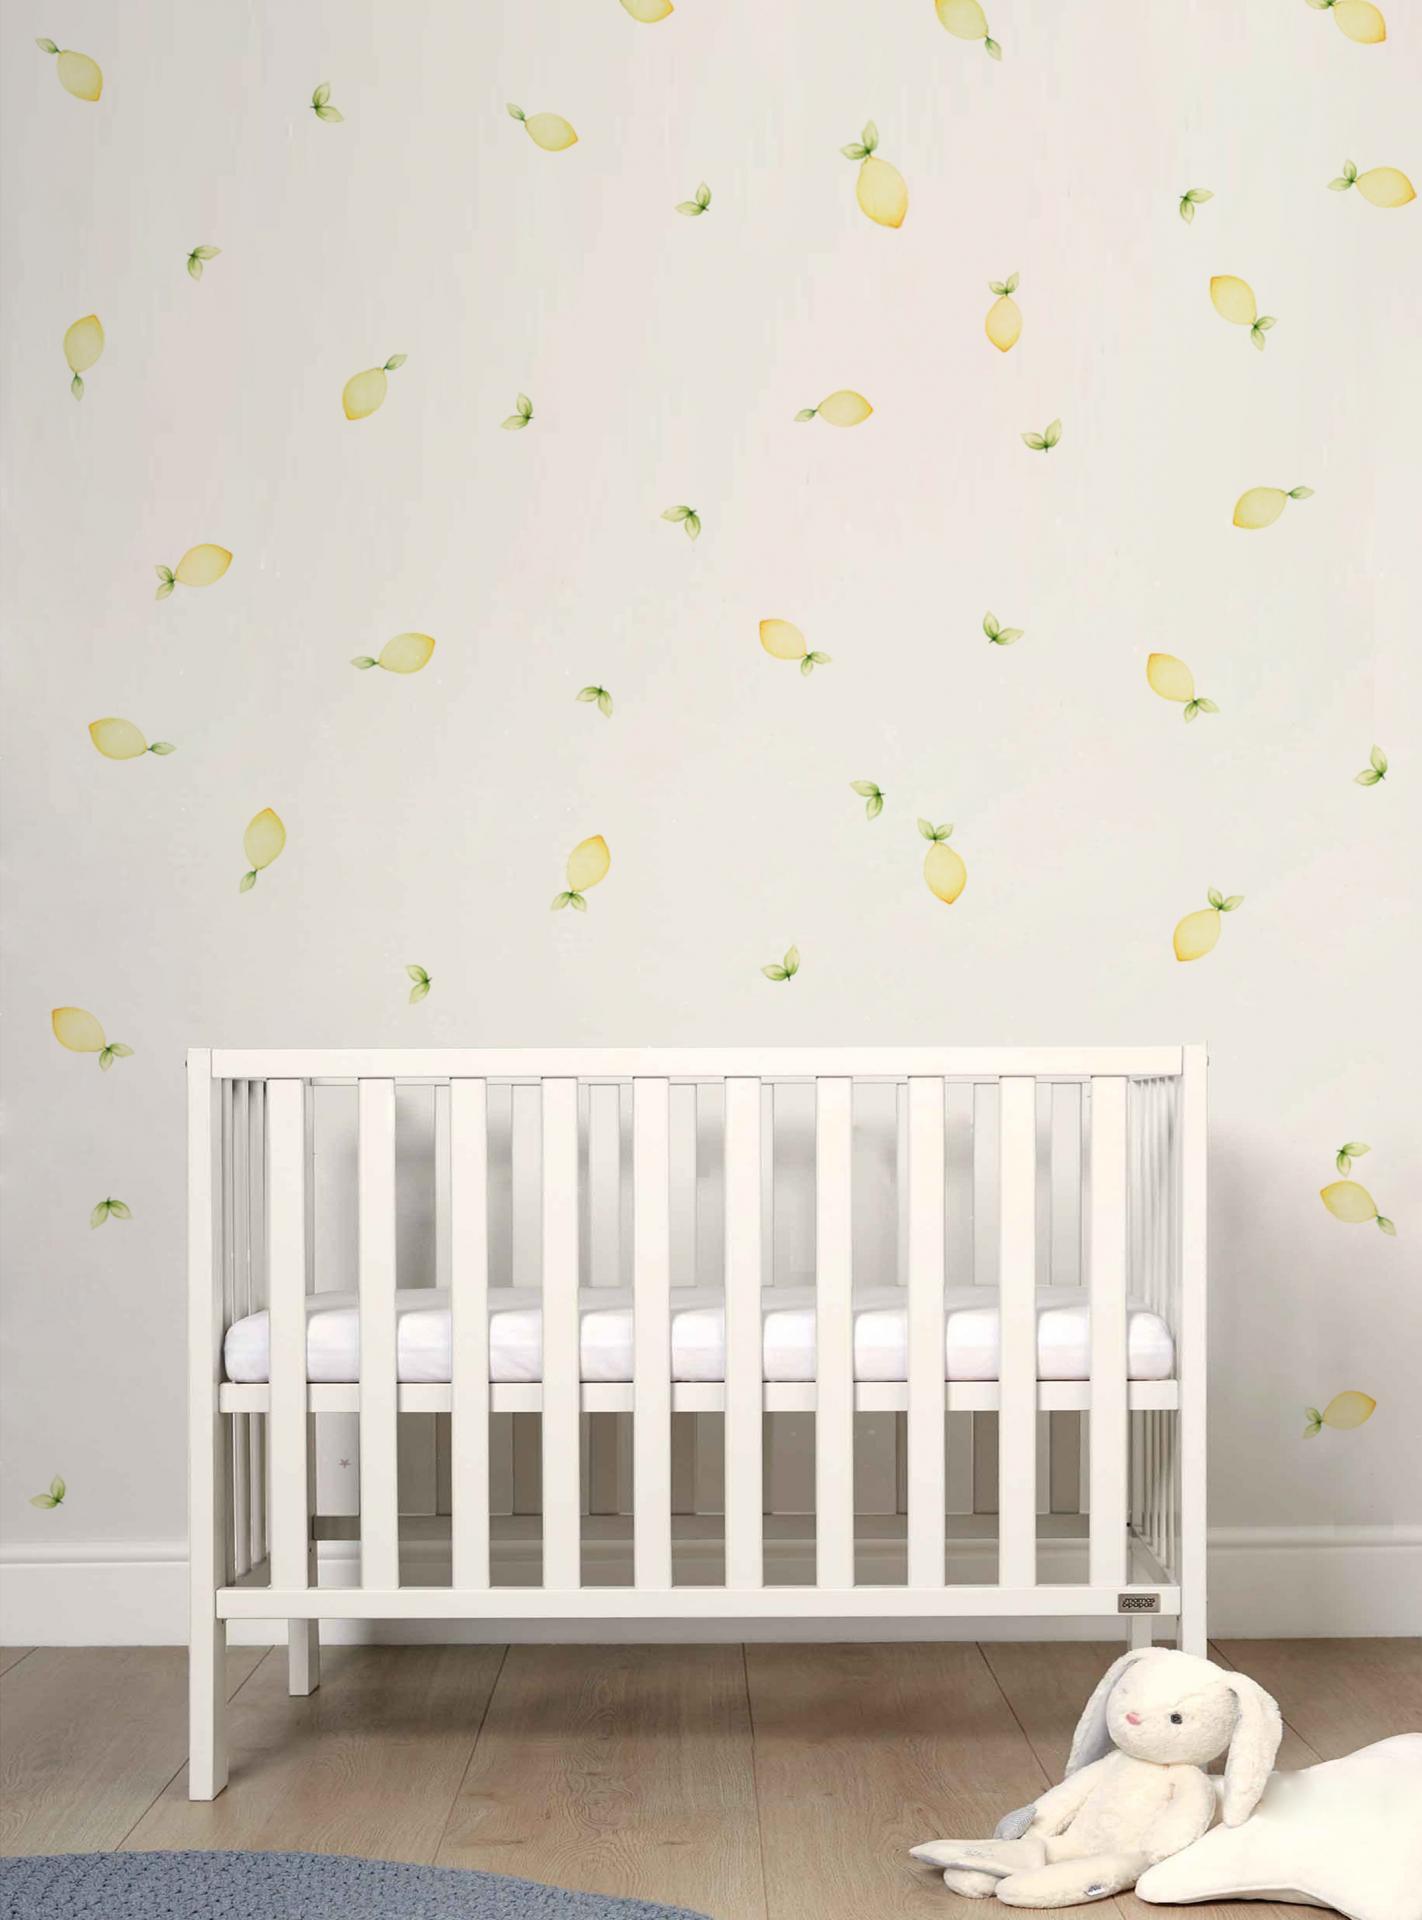 VINILO INFANTIL: limones